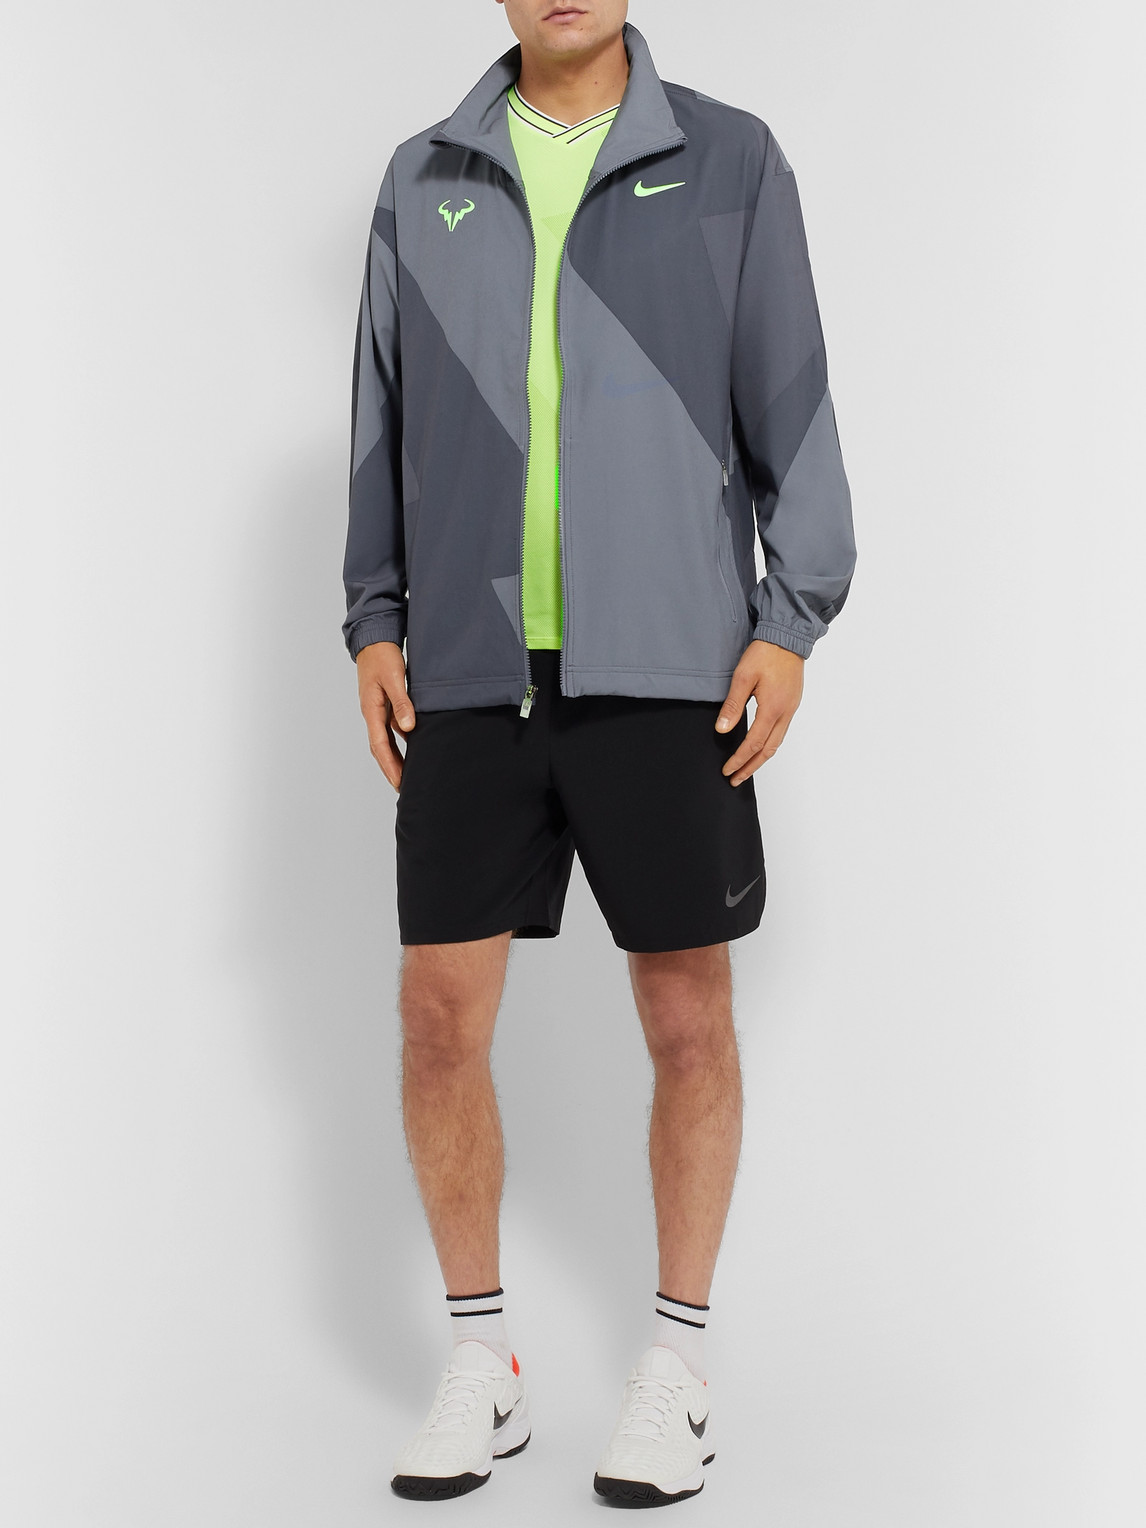 Nike Jackets RAFA PRINTED JACKET